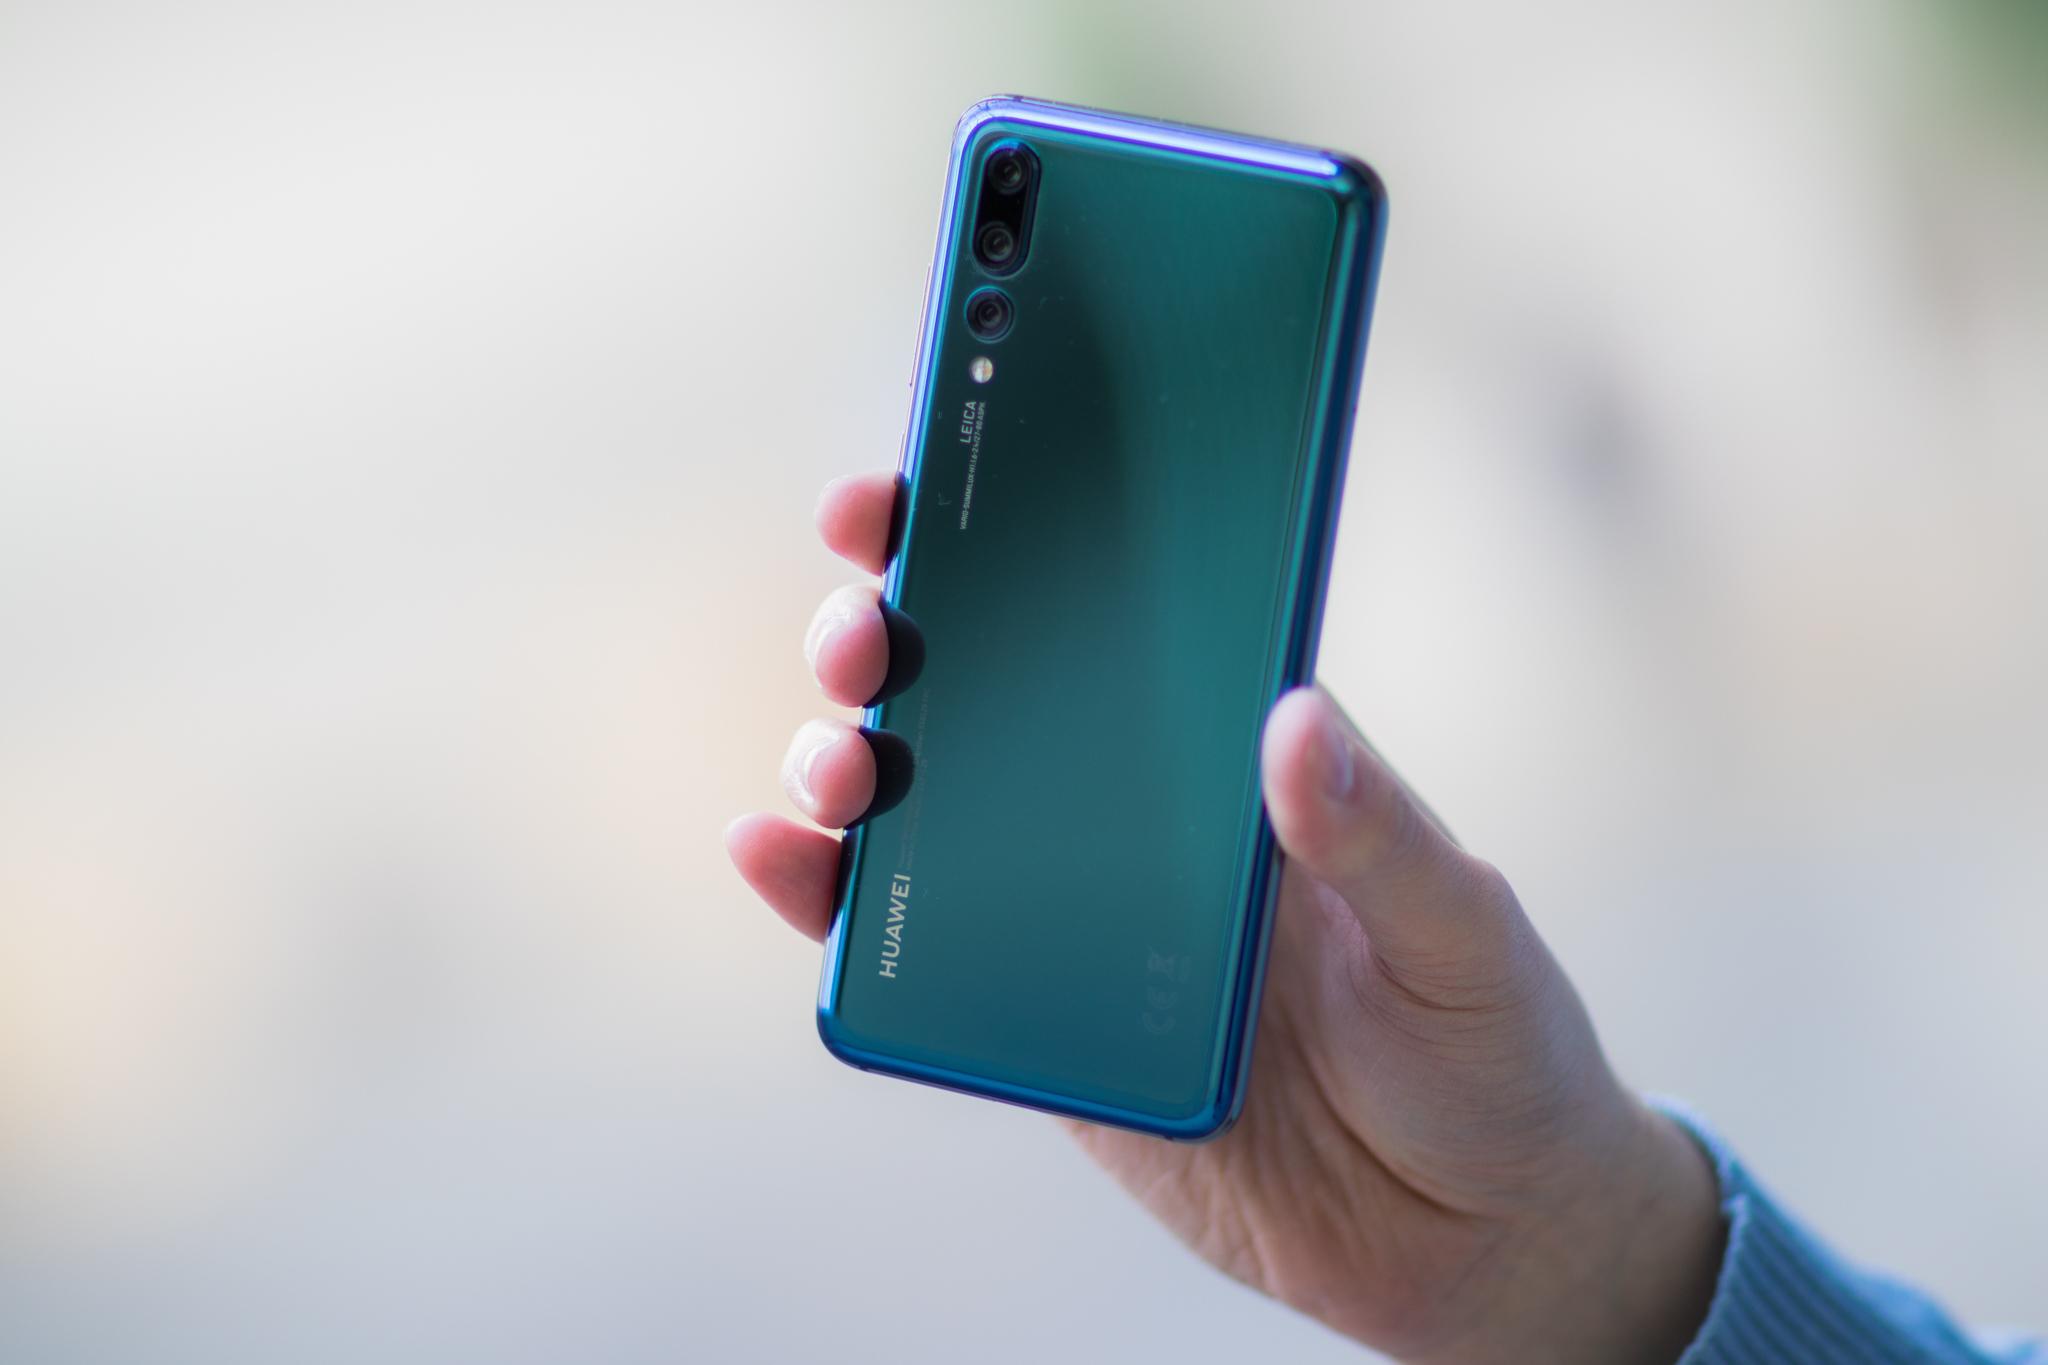 Huawei-smarttelefoner fjernes fra testdatabase etter avsløringer.